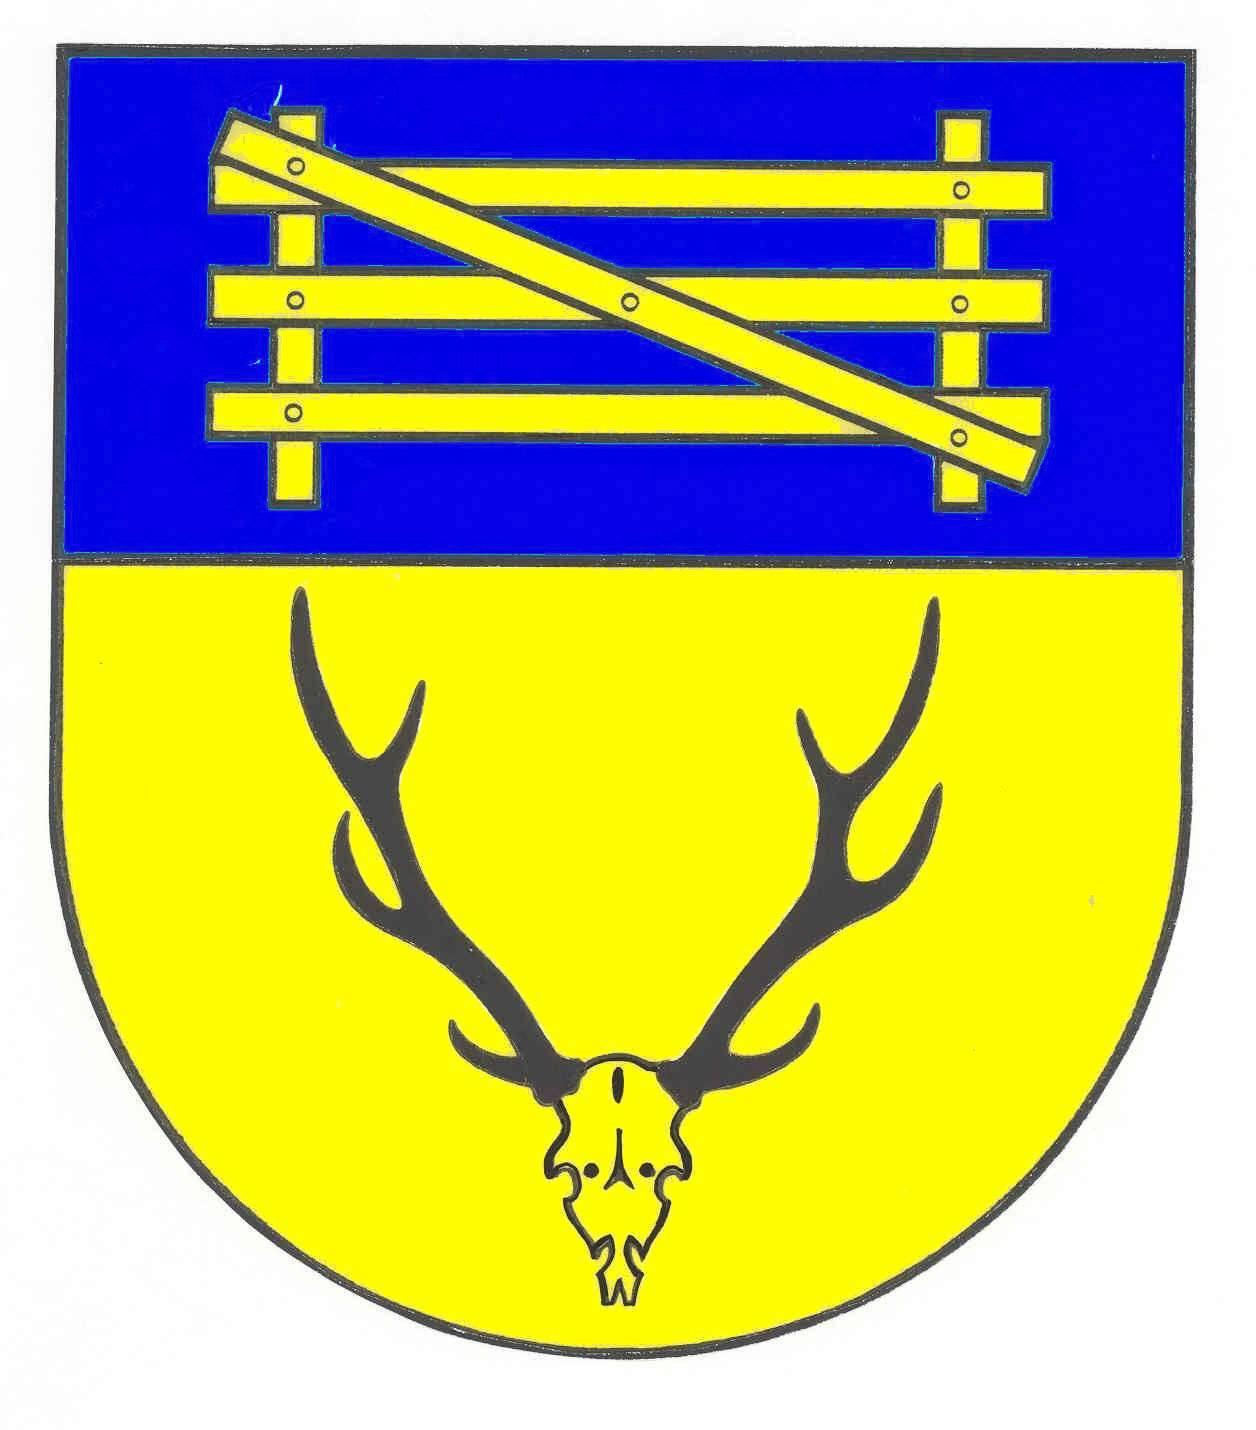 Wappen GemeindeStangheck, Kreis Schleswig-Flensburg